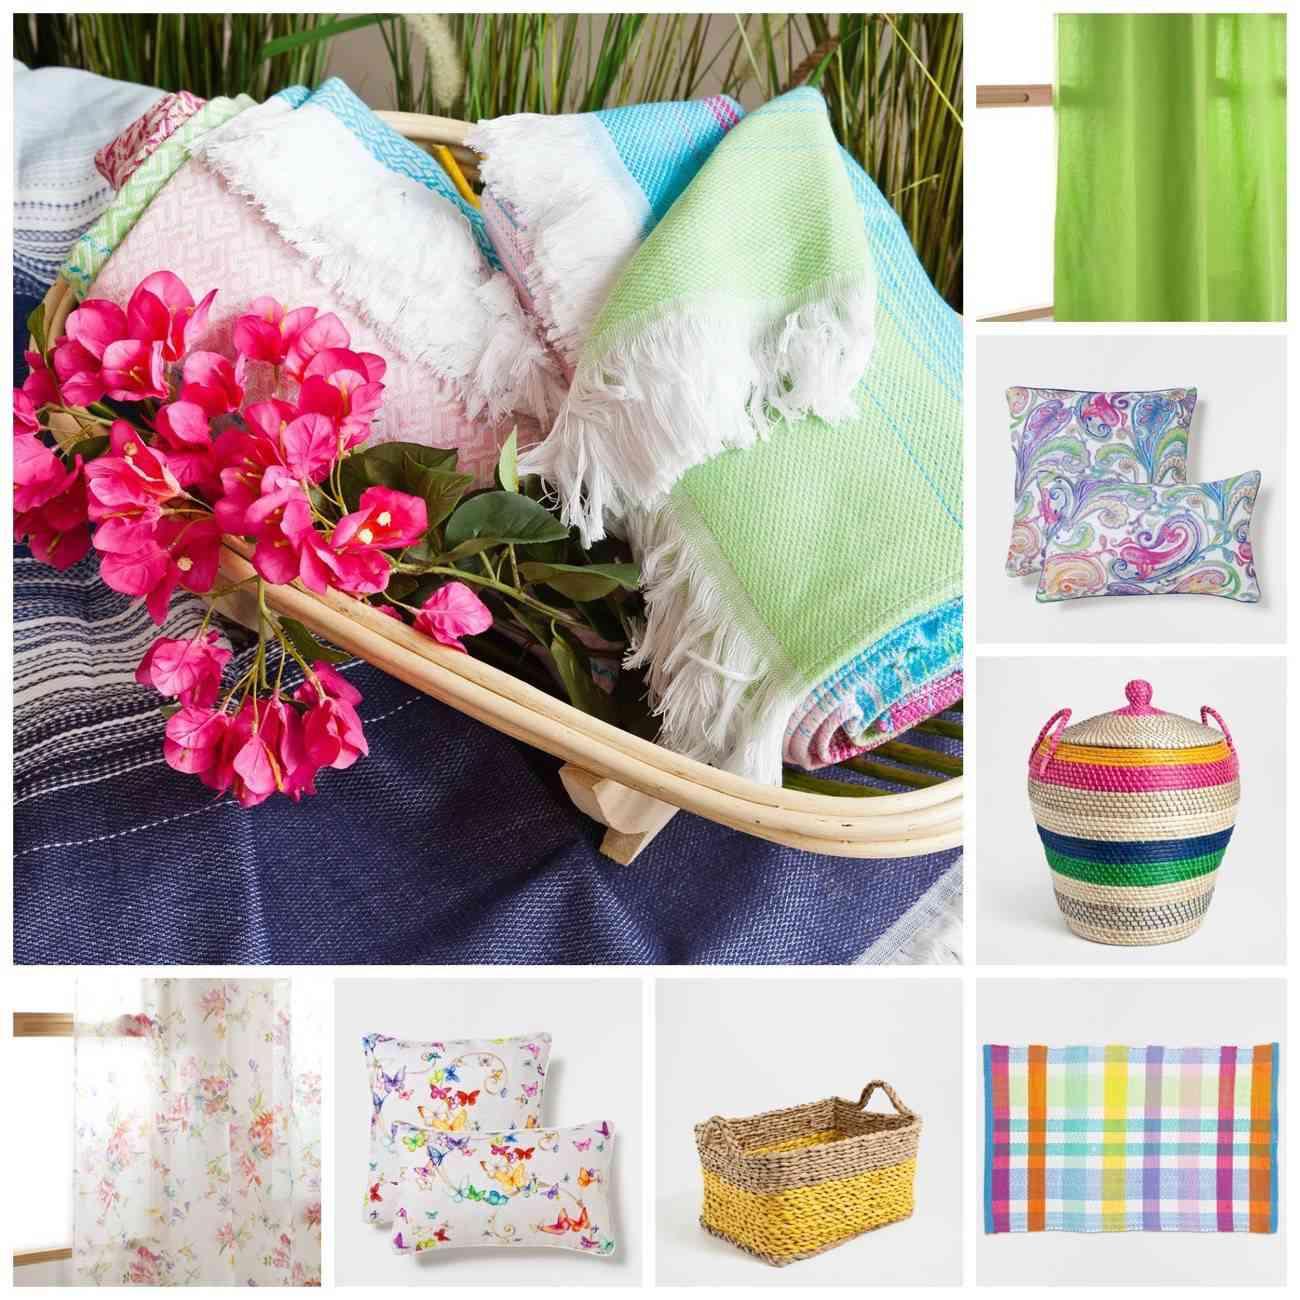 Decoración textiles florales y muy primaverales con Zara Home